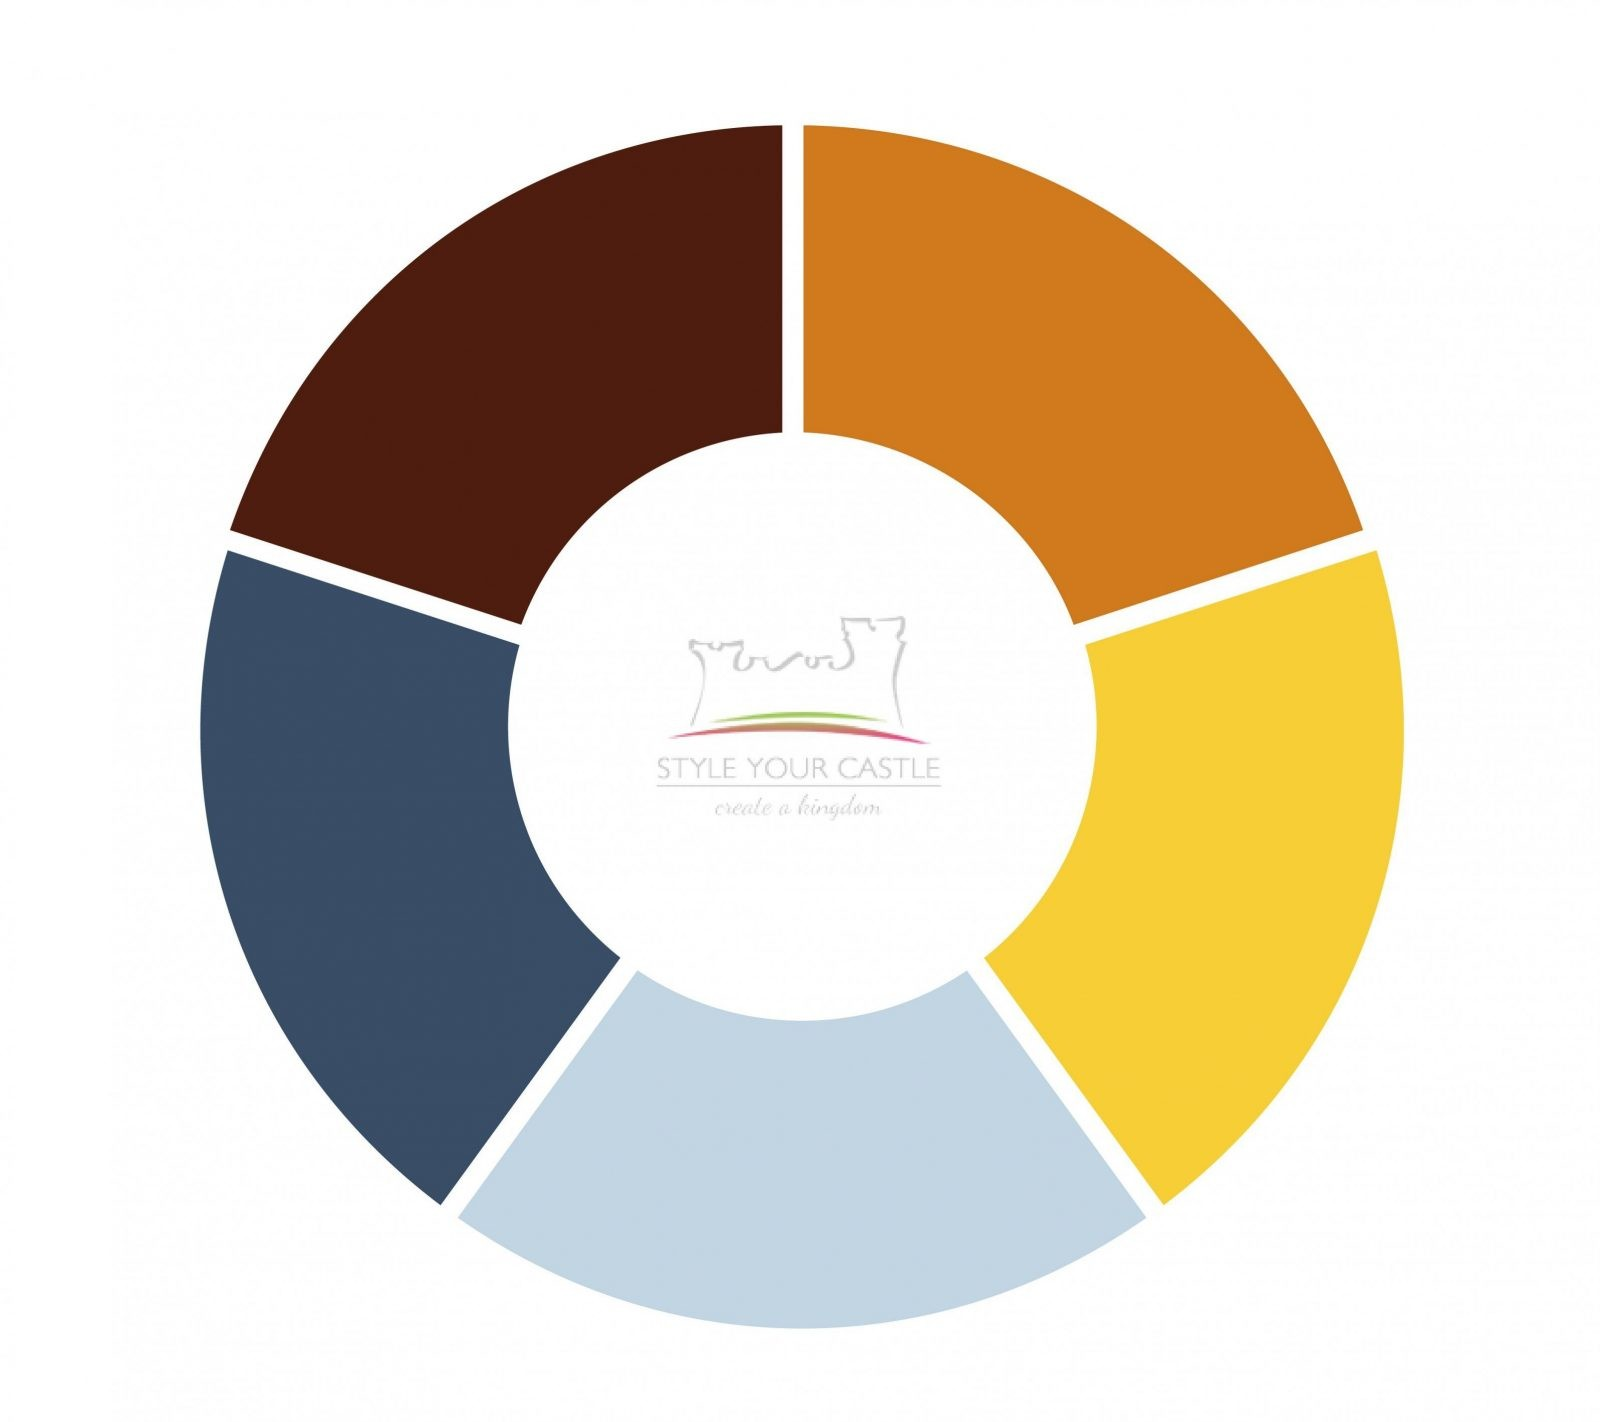 Welche Farben Passen Zu Braun Faszinierend Auf Dekoideen Fur Ihr von Welche Farbe Passt Zu Braun Bild